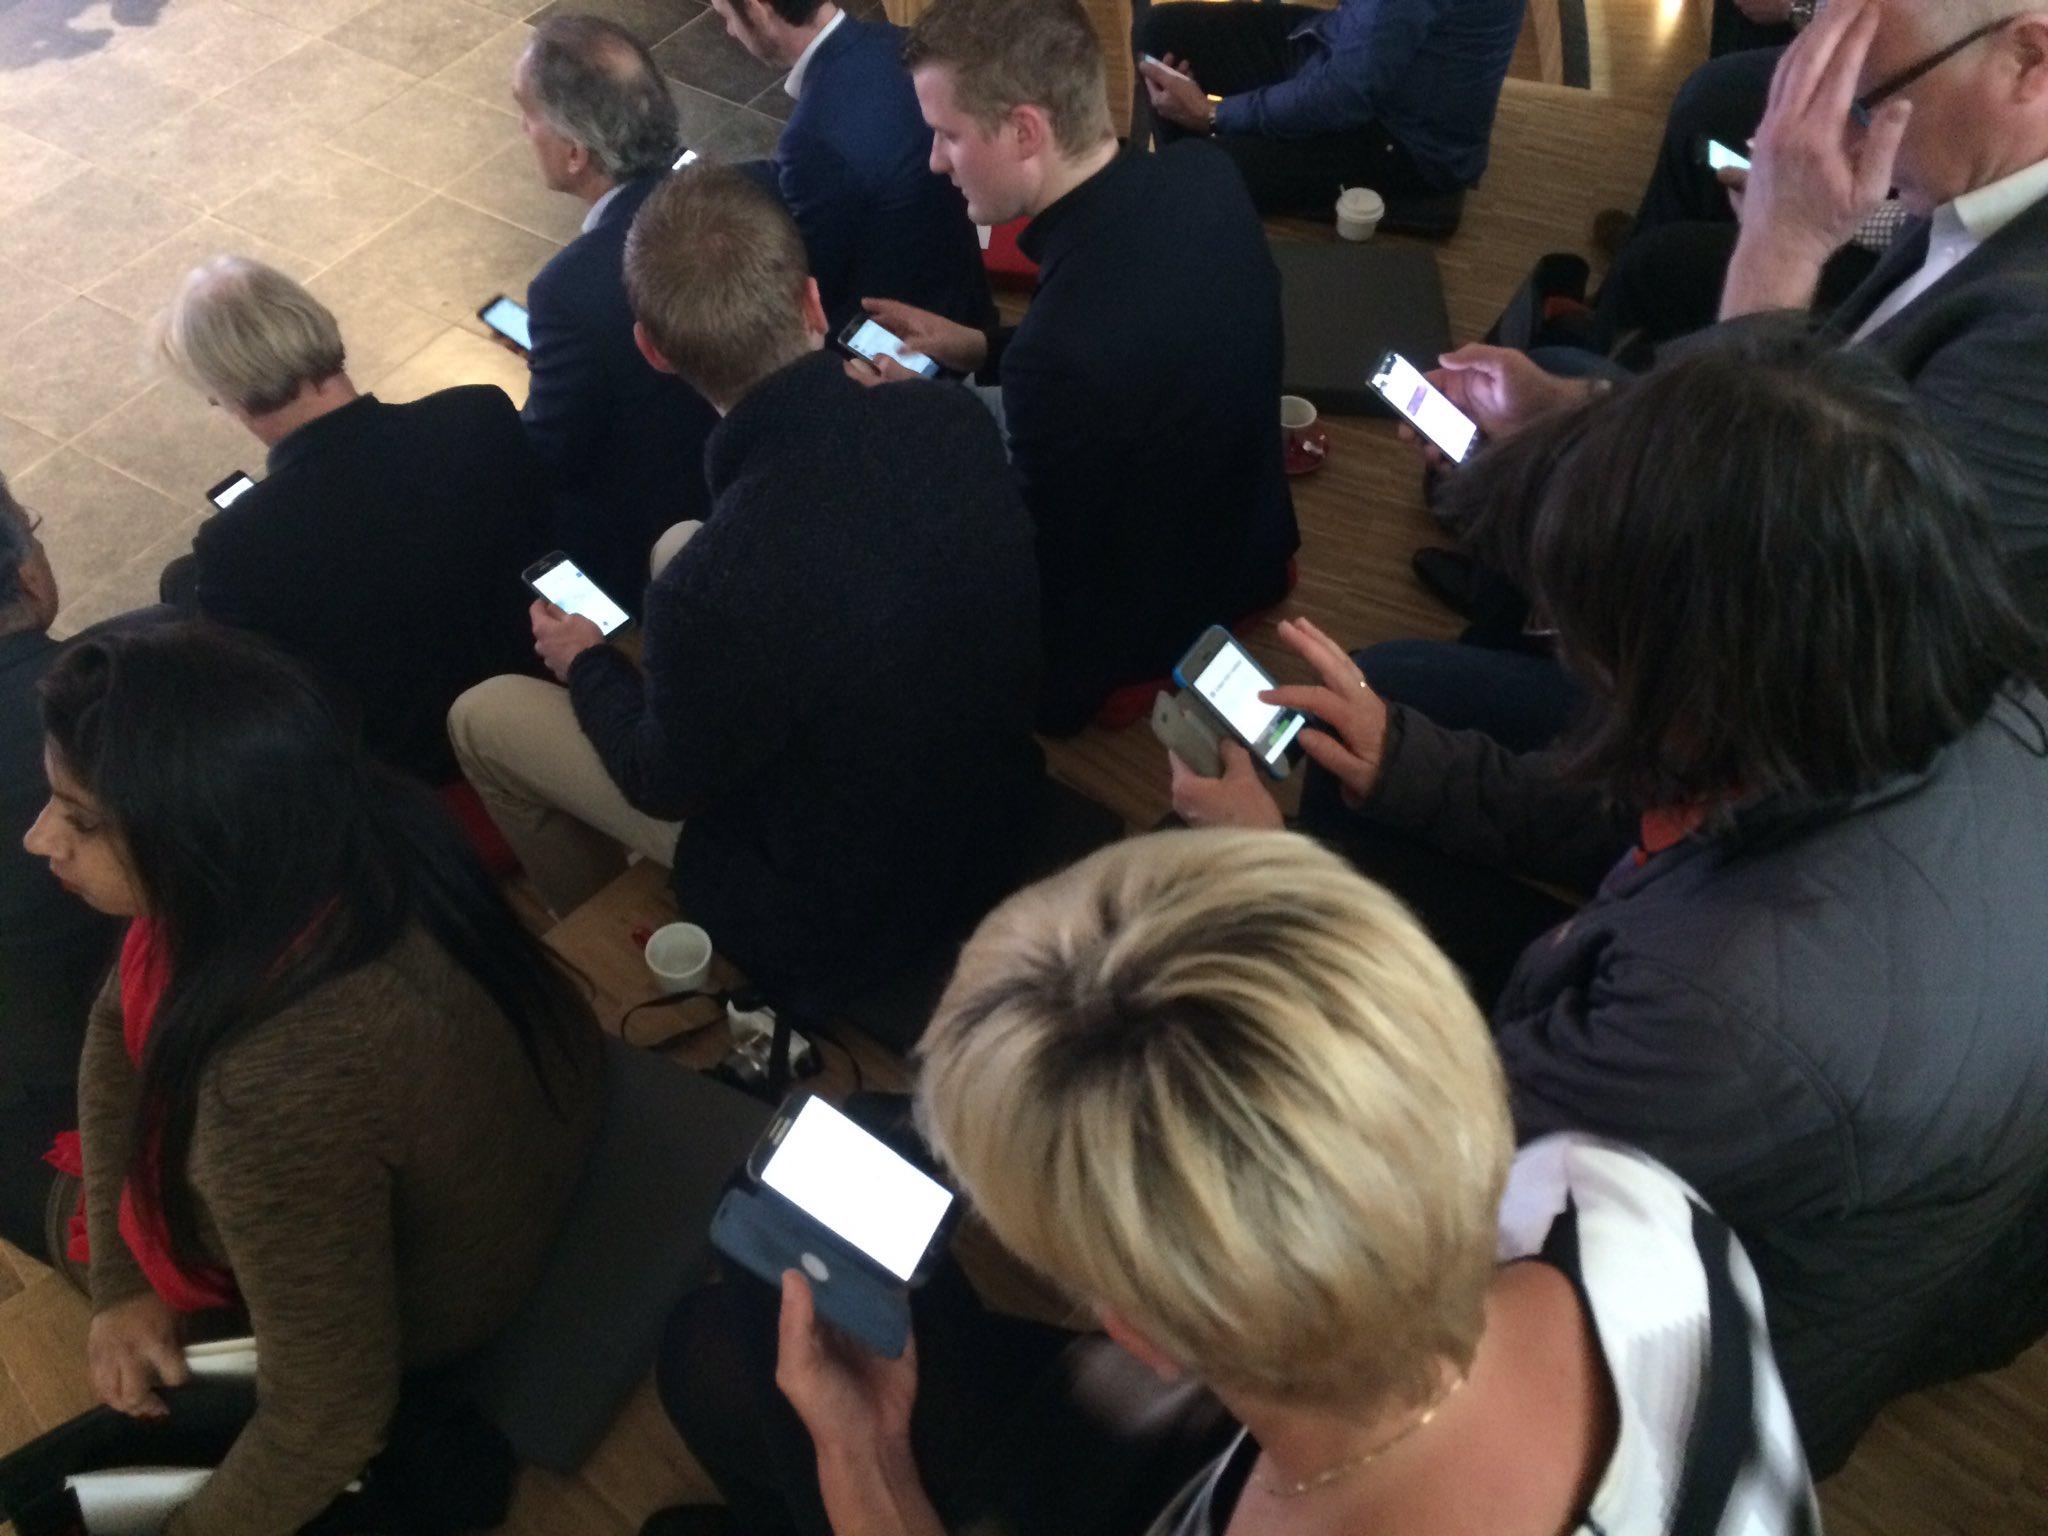 Het publiek maak zich klaar om straks ook m.b.t. het onderwerp van het #ICTCafé van vandaag een stem uit te brengen #ICT070 #verkiezingen https://t.co/LkIg3wjmKX